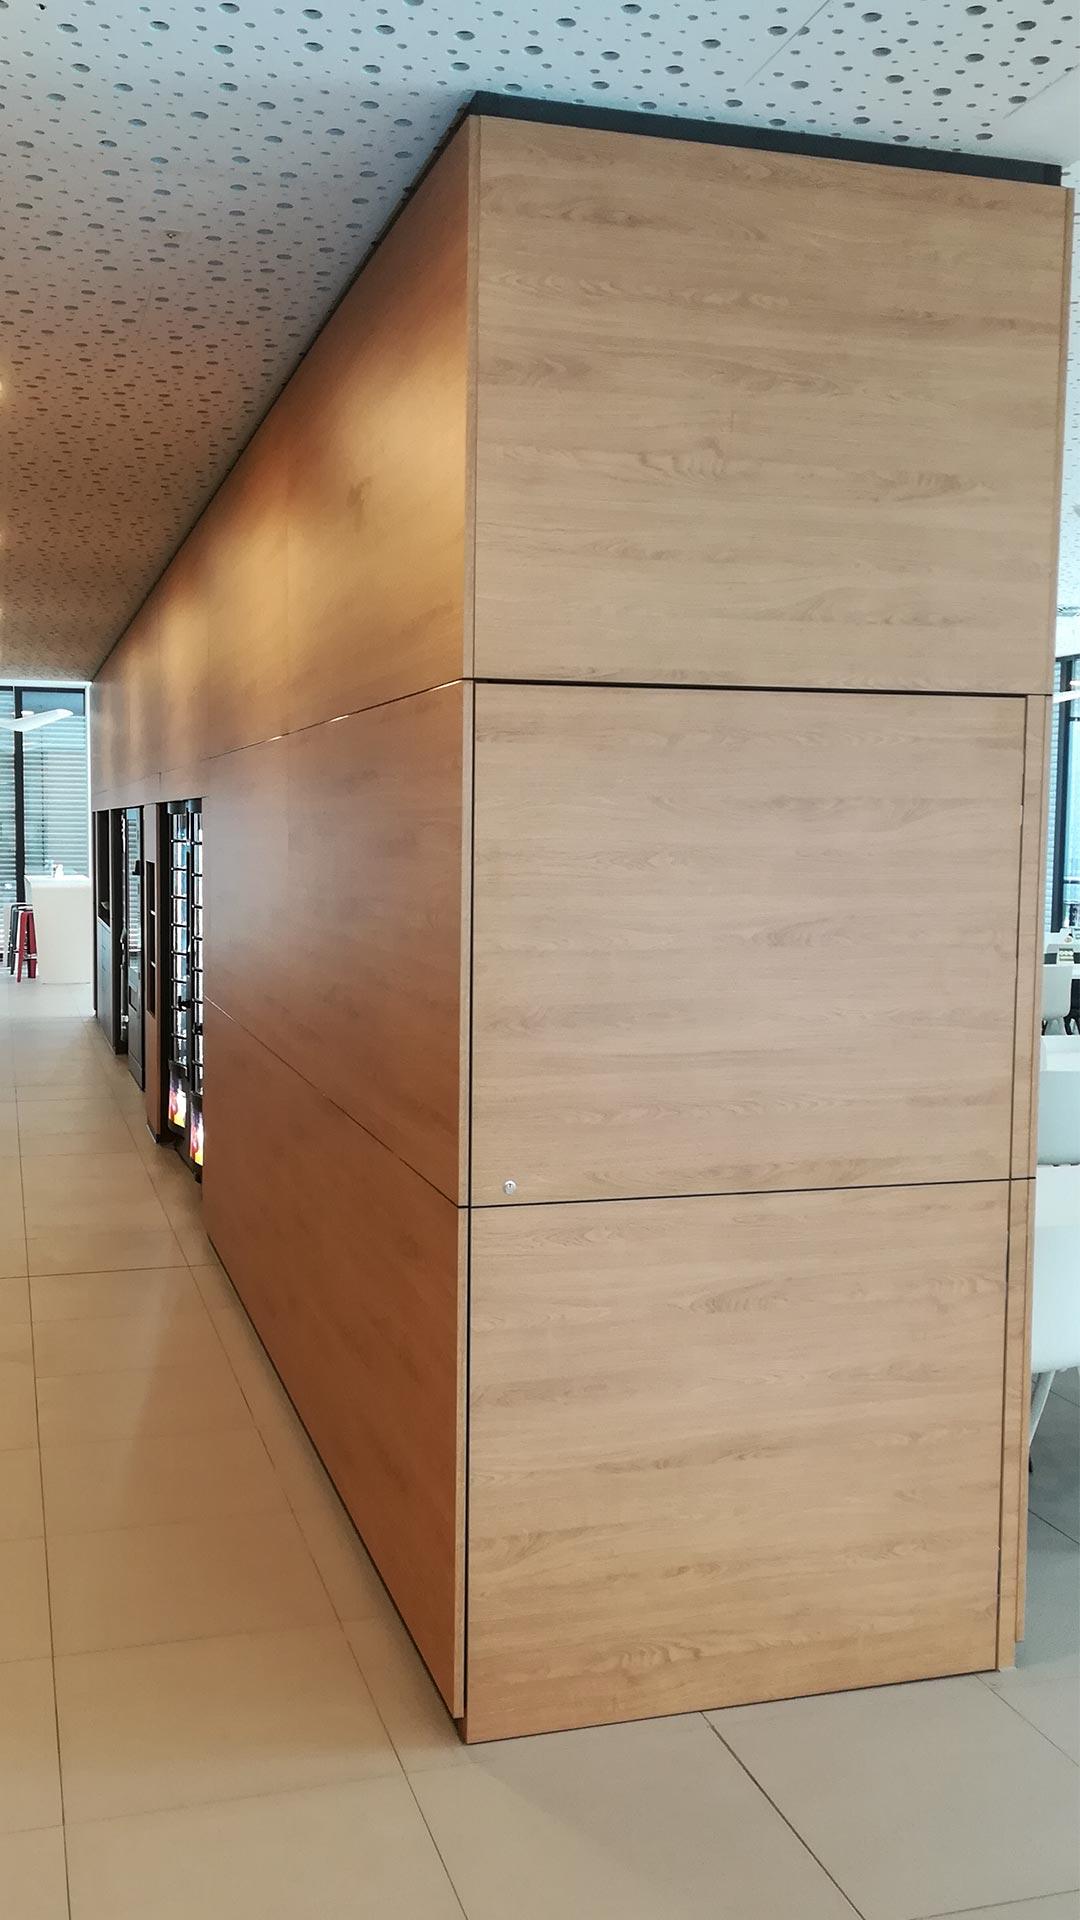 In die Schmalseite ist die Tür zum Stuhllager integriert. So ließ es sich einfach und unauffällig in der Mitte des Raumes anordnen.